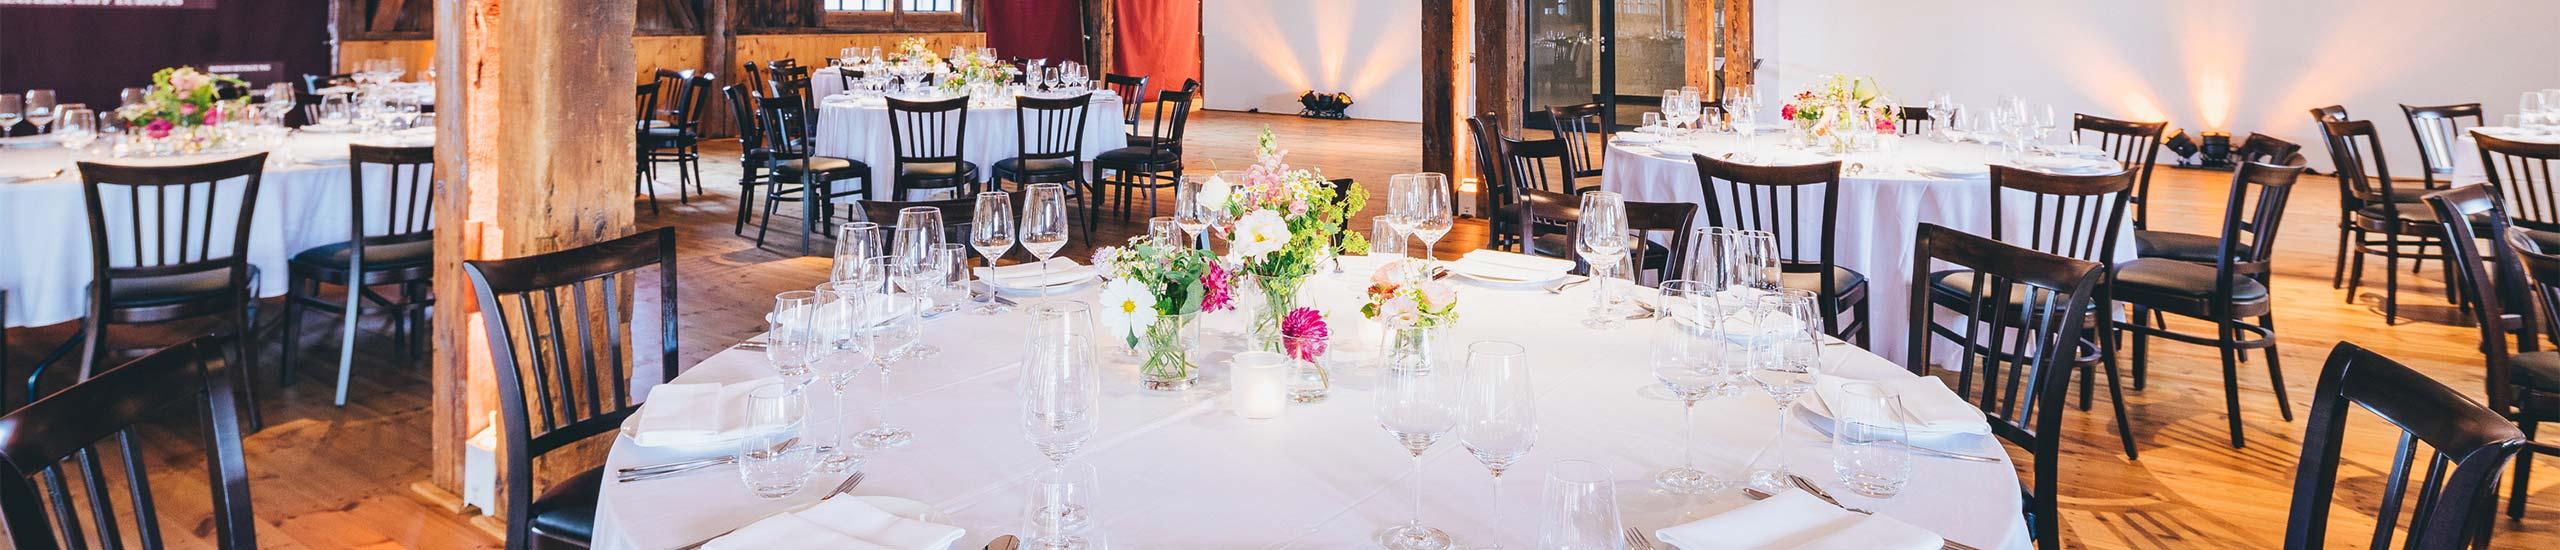 Tisch mit Blumen - Gästetisch